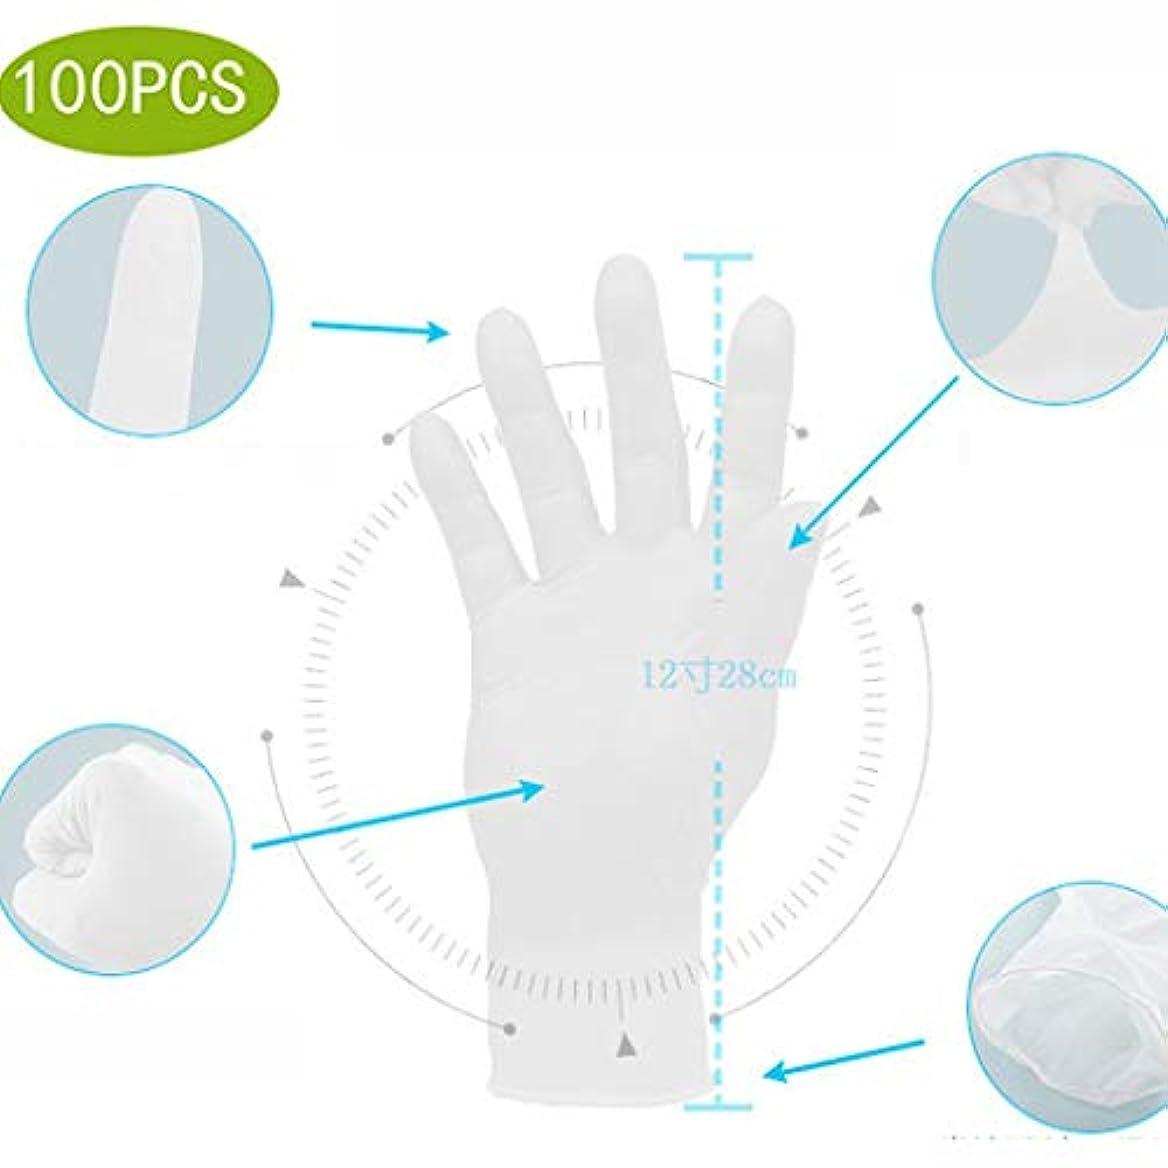 真鍮甘味召集する使い捨てニトリル手袋、100箱、白手袋、食品衛生処理、医療業界での検査、ニトリル手袋 (Color : White, Size : L)